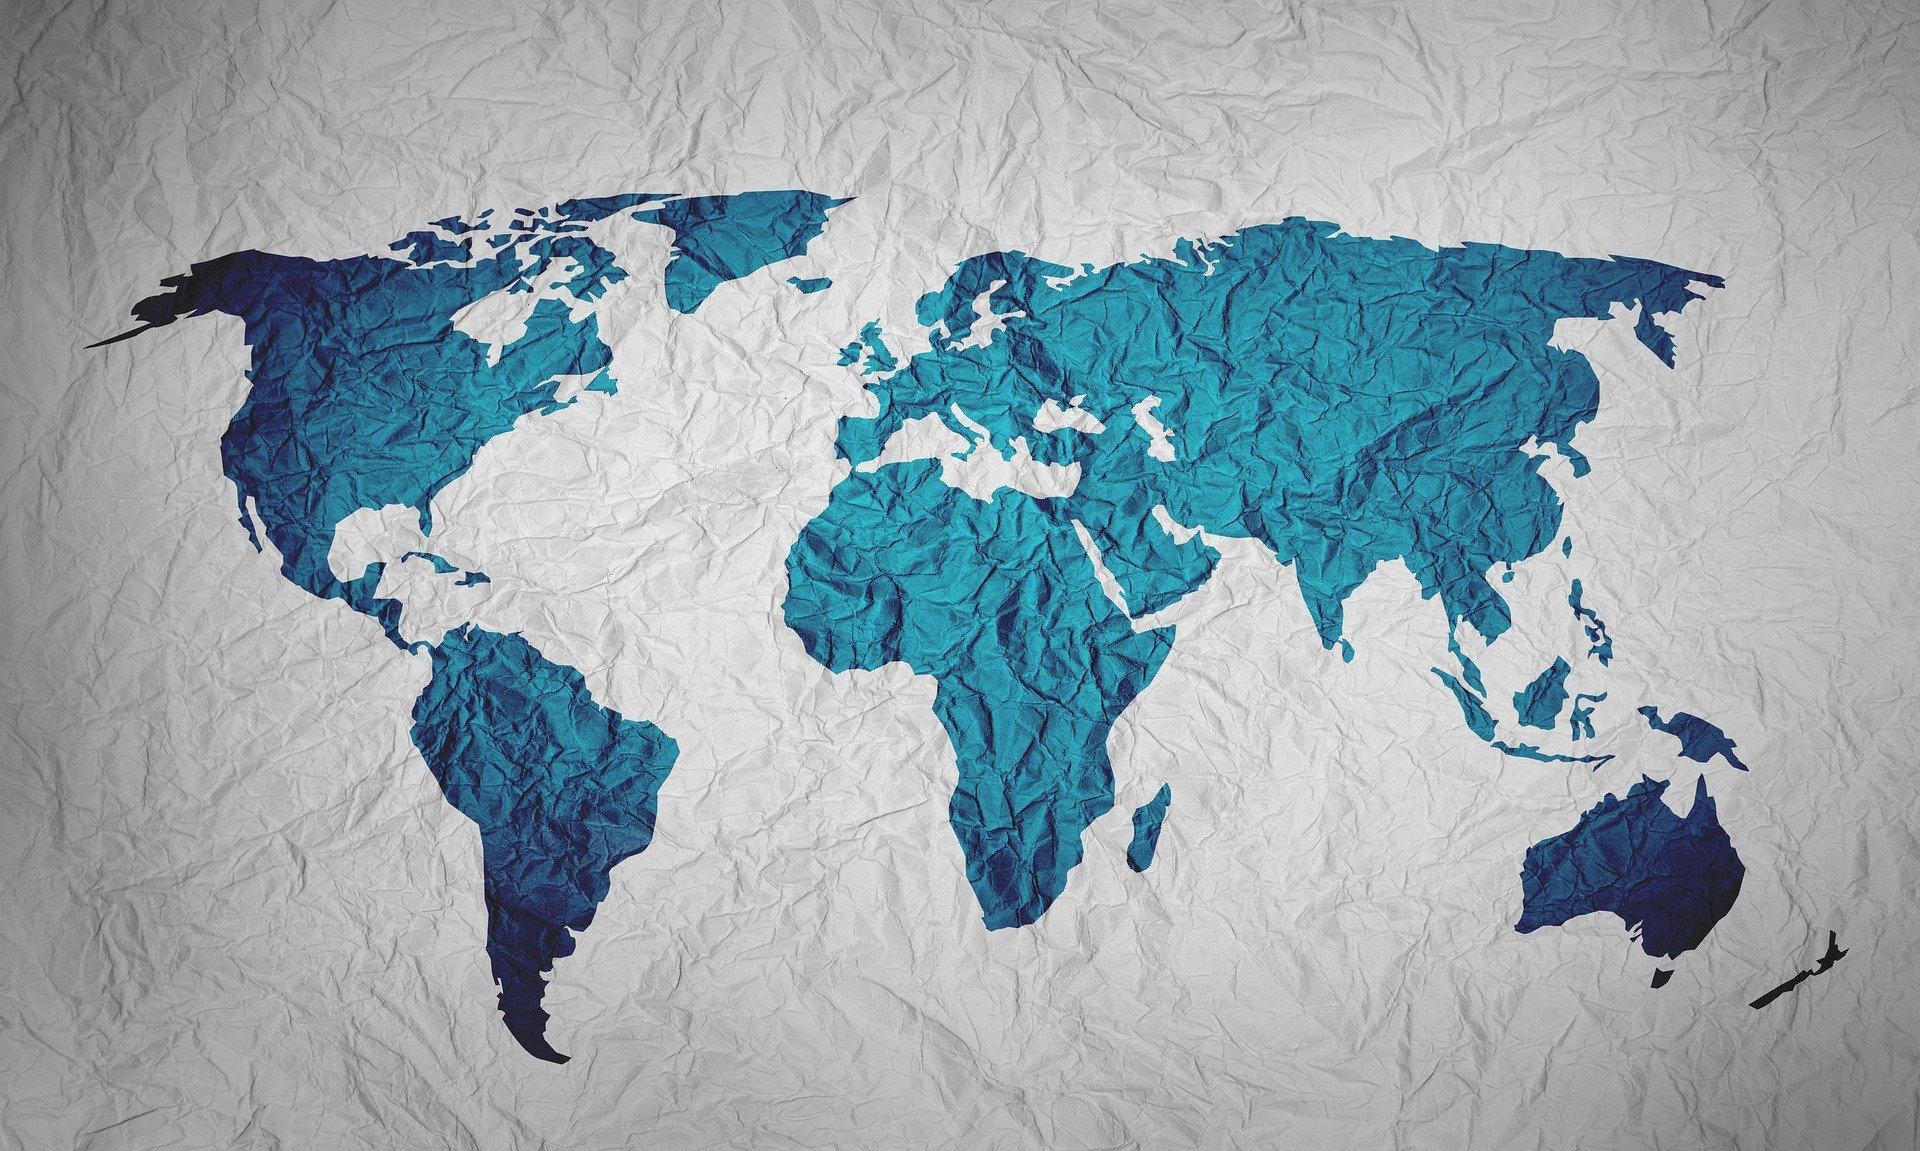 OSVPN Server over the world